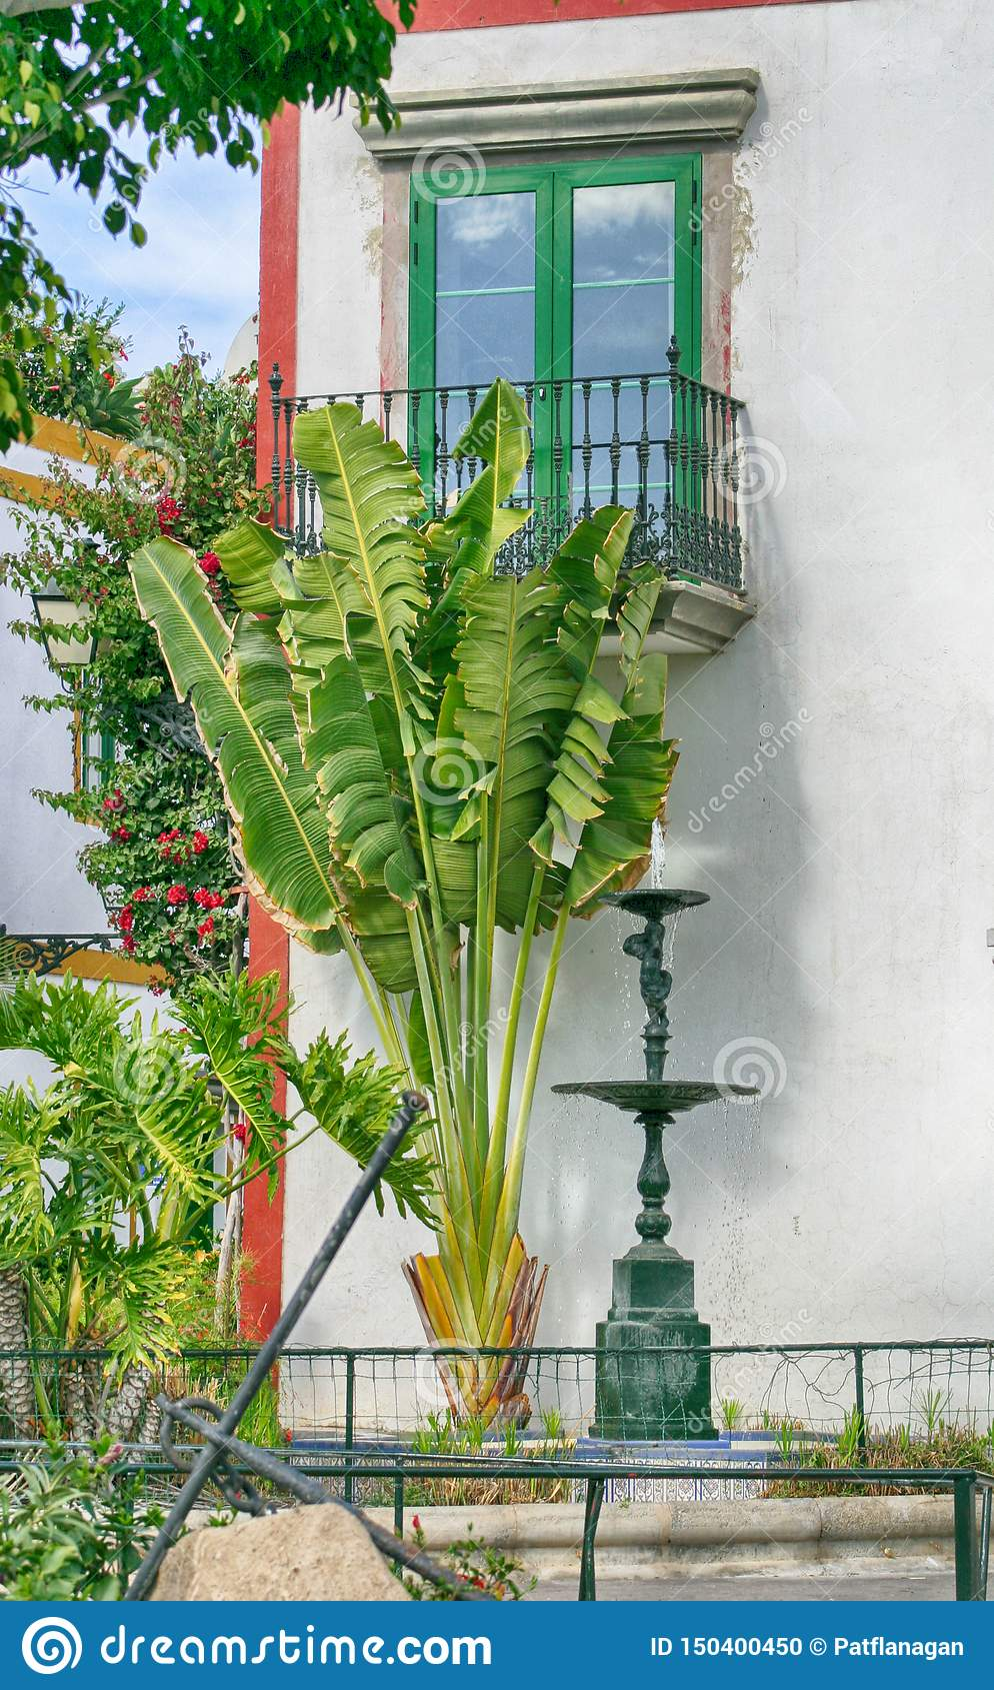 Palmeras y fuente delante de una ventana española